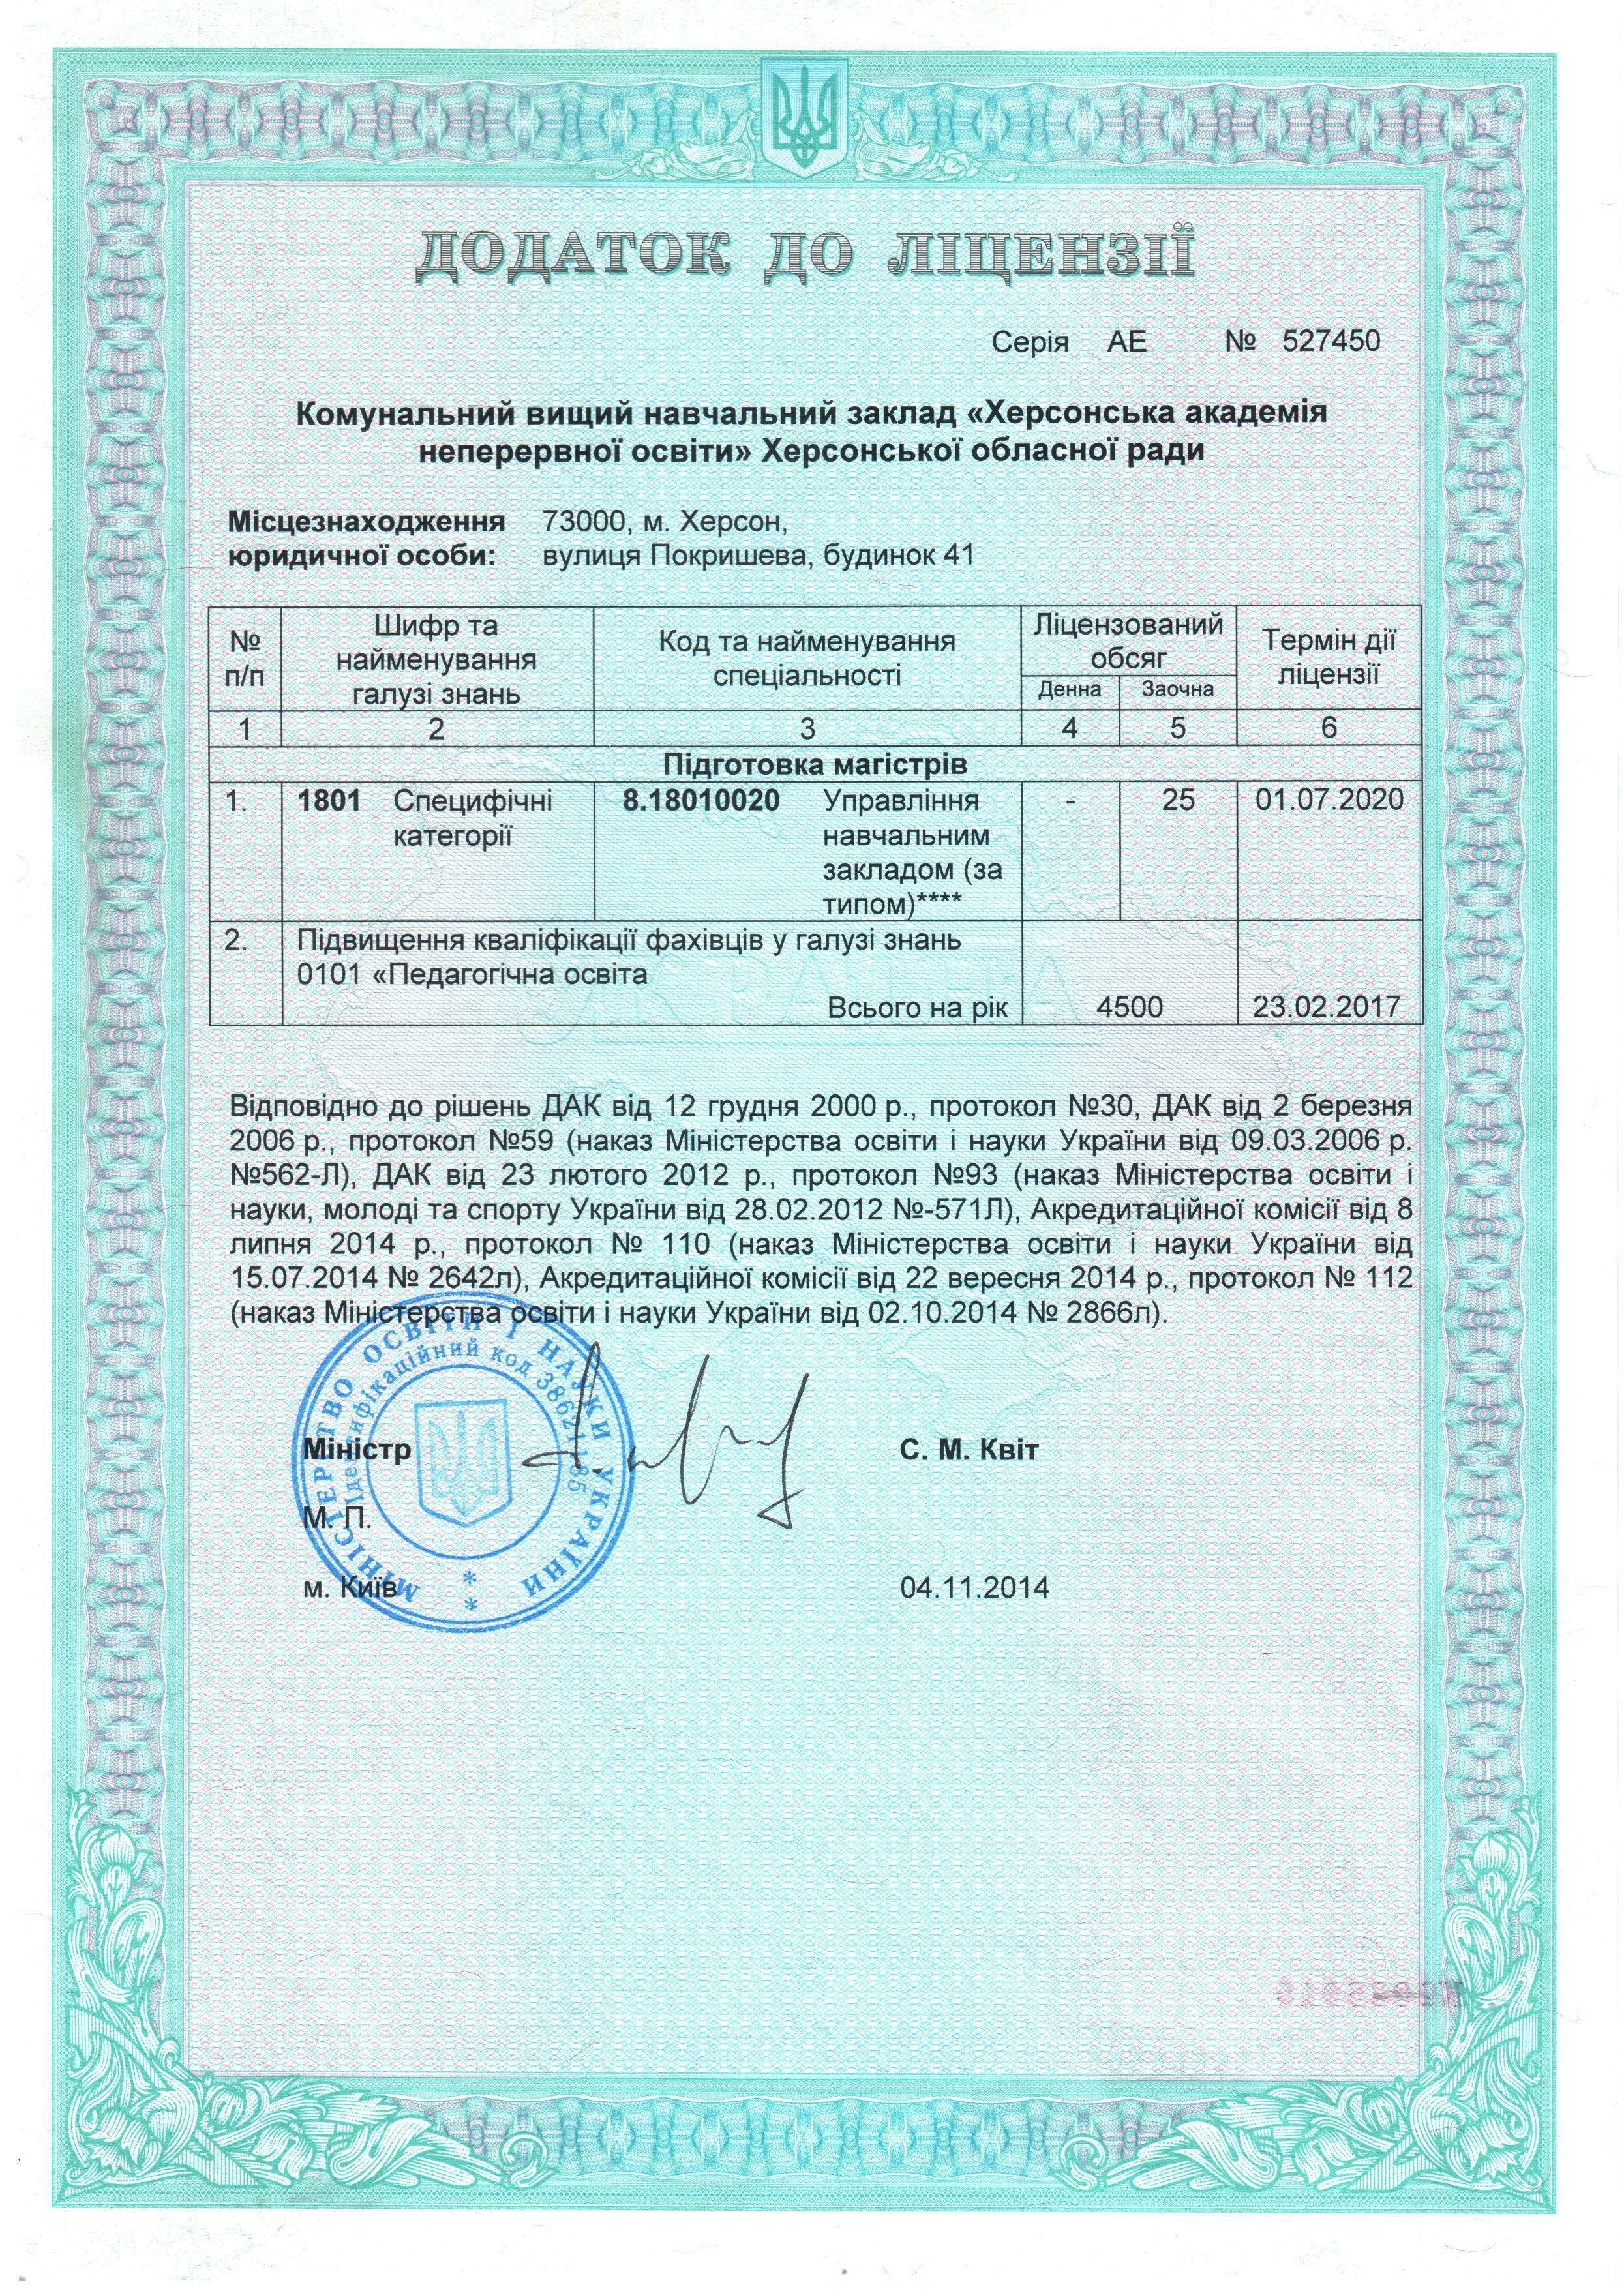 Додаток до ліцензії